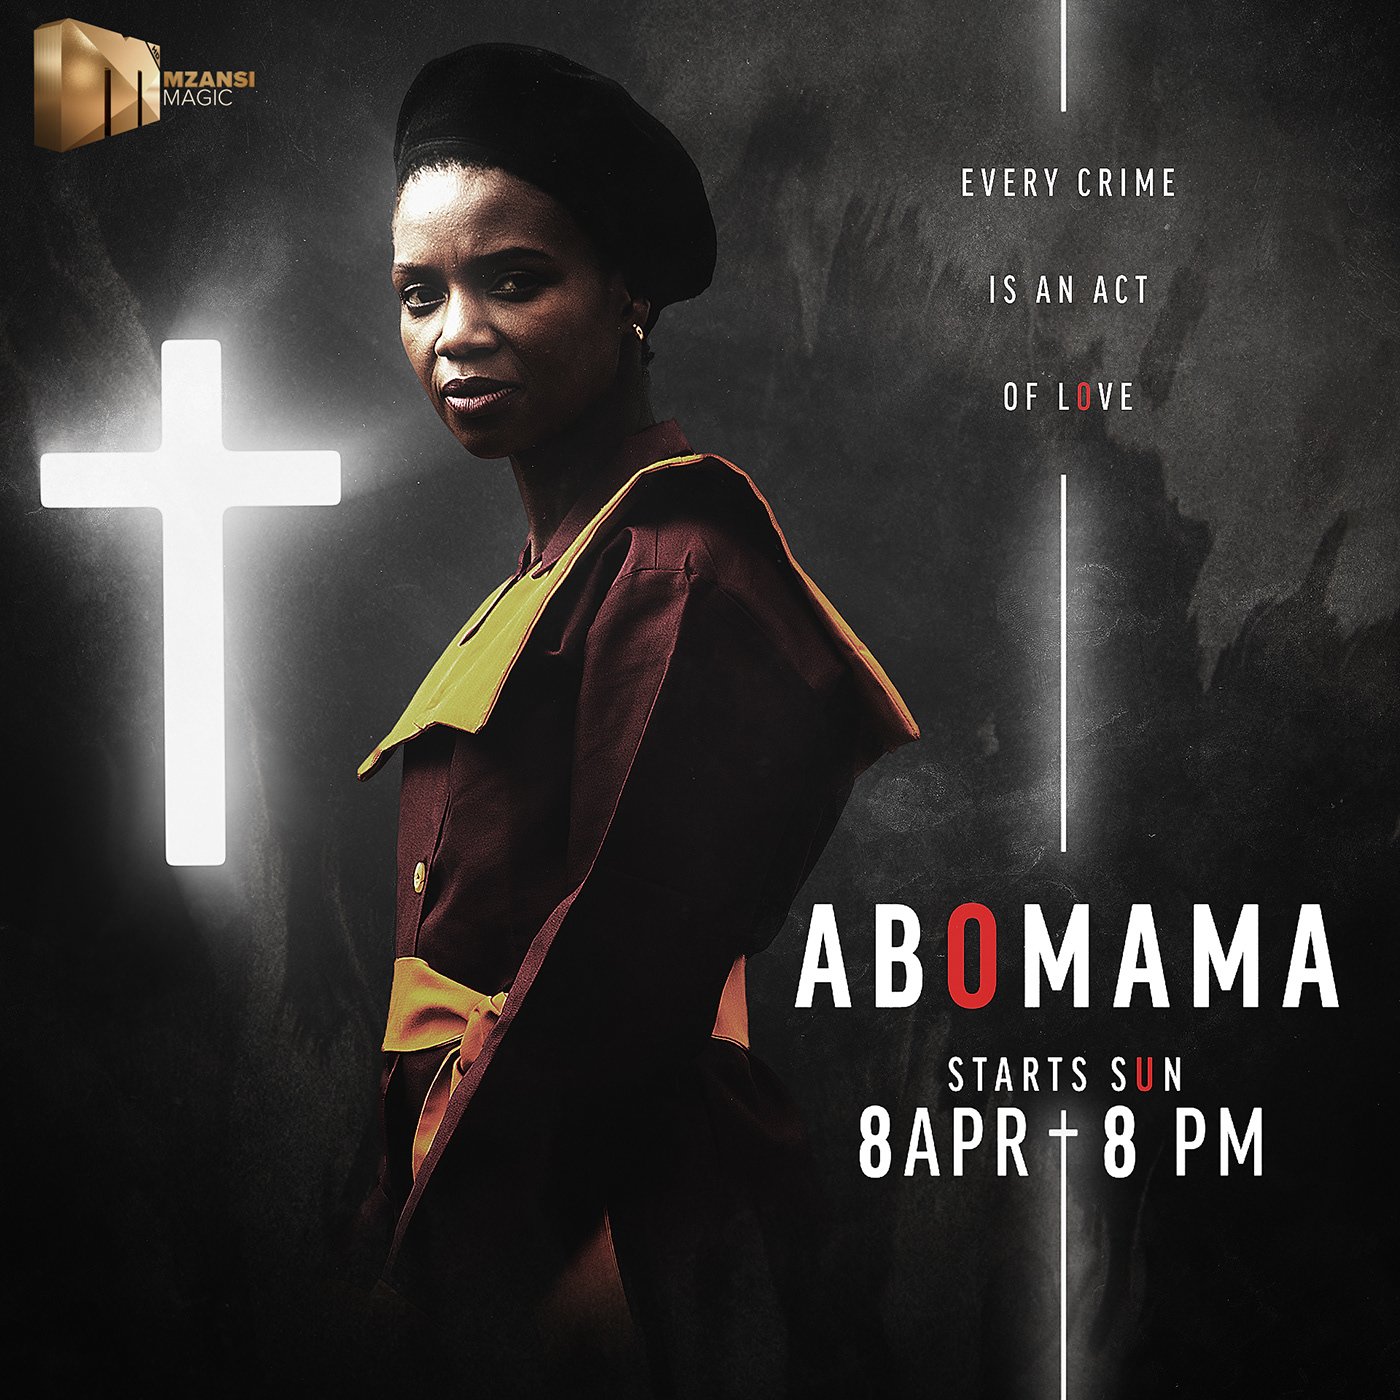 abomama Mzansi Magic Mzansi Magic   birthmark campaign faith design duality dark